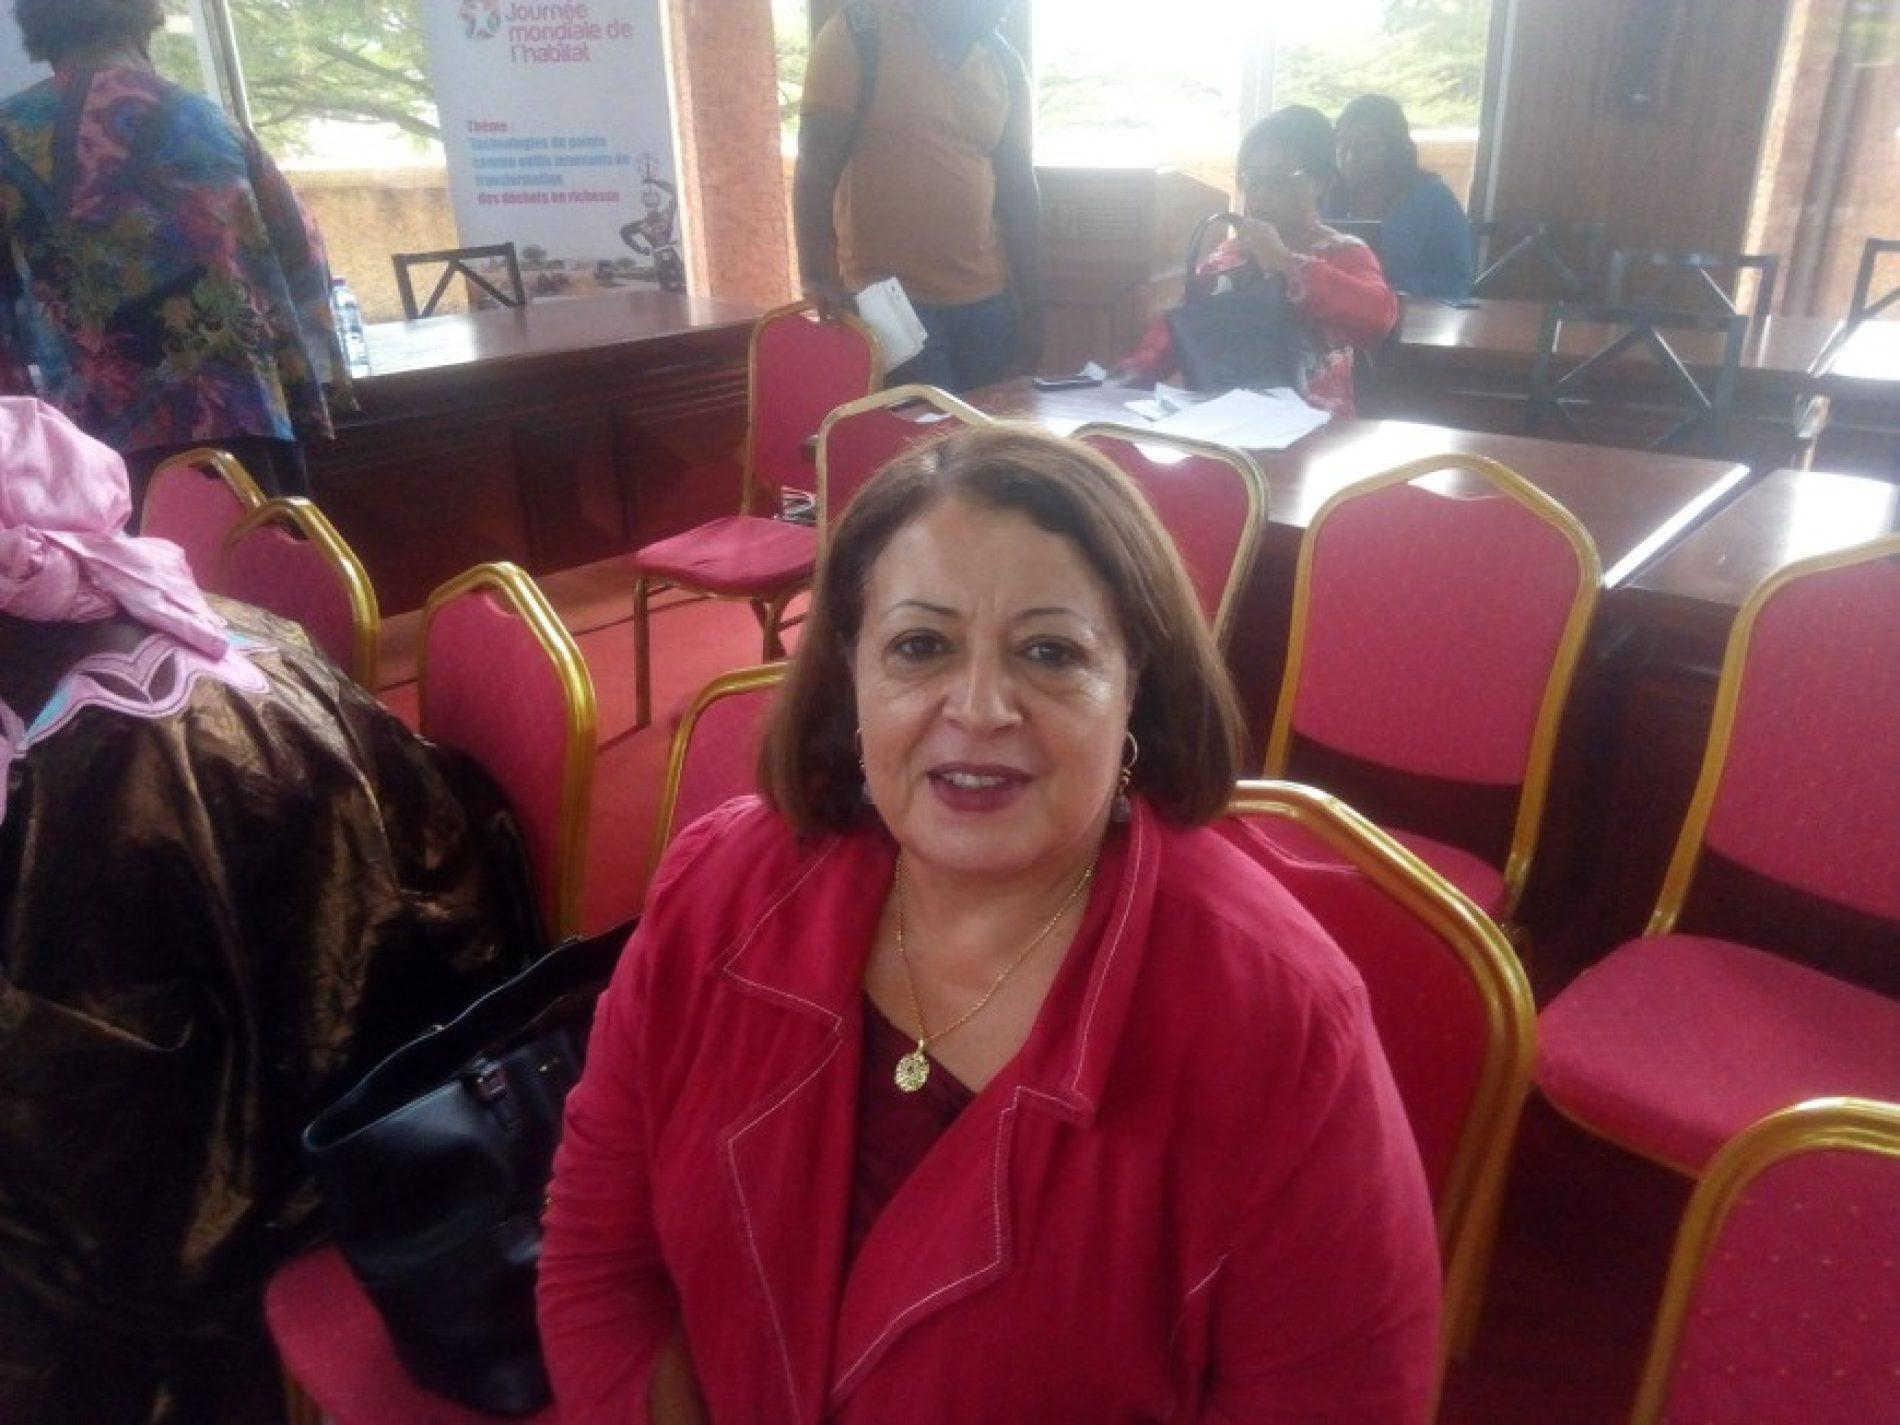 Dr Malika Giorgi Ghefrane : « Donnons la chance aux femmes de montrer leur capacités, améliorer leur représentativité, afin qu'au côté des hommes elles démontrent une autre manière de faire localement »